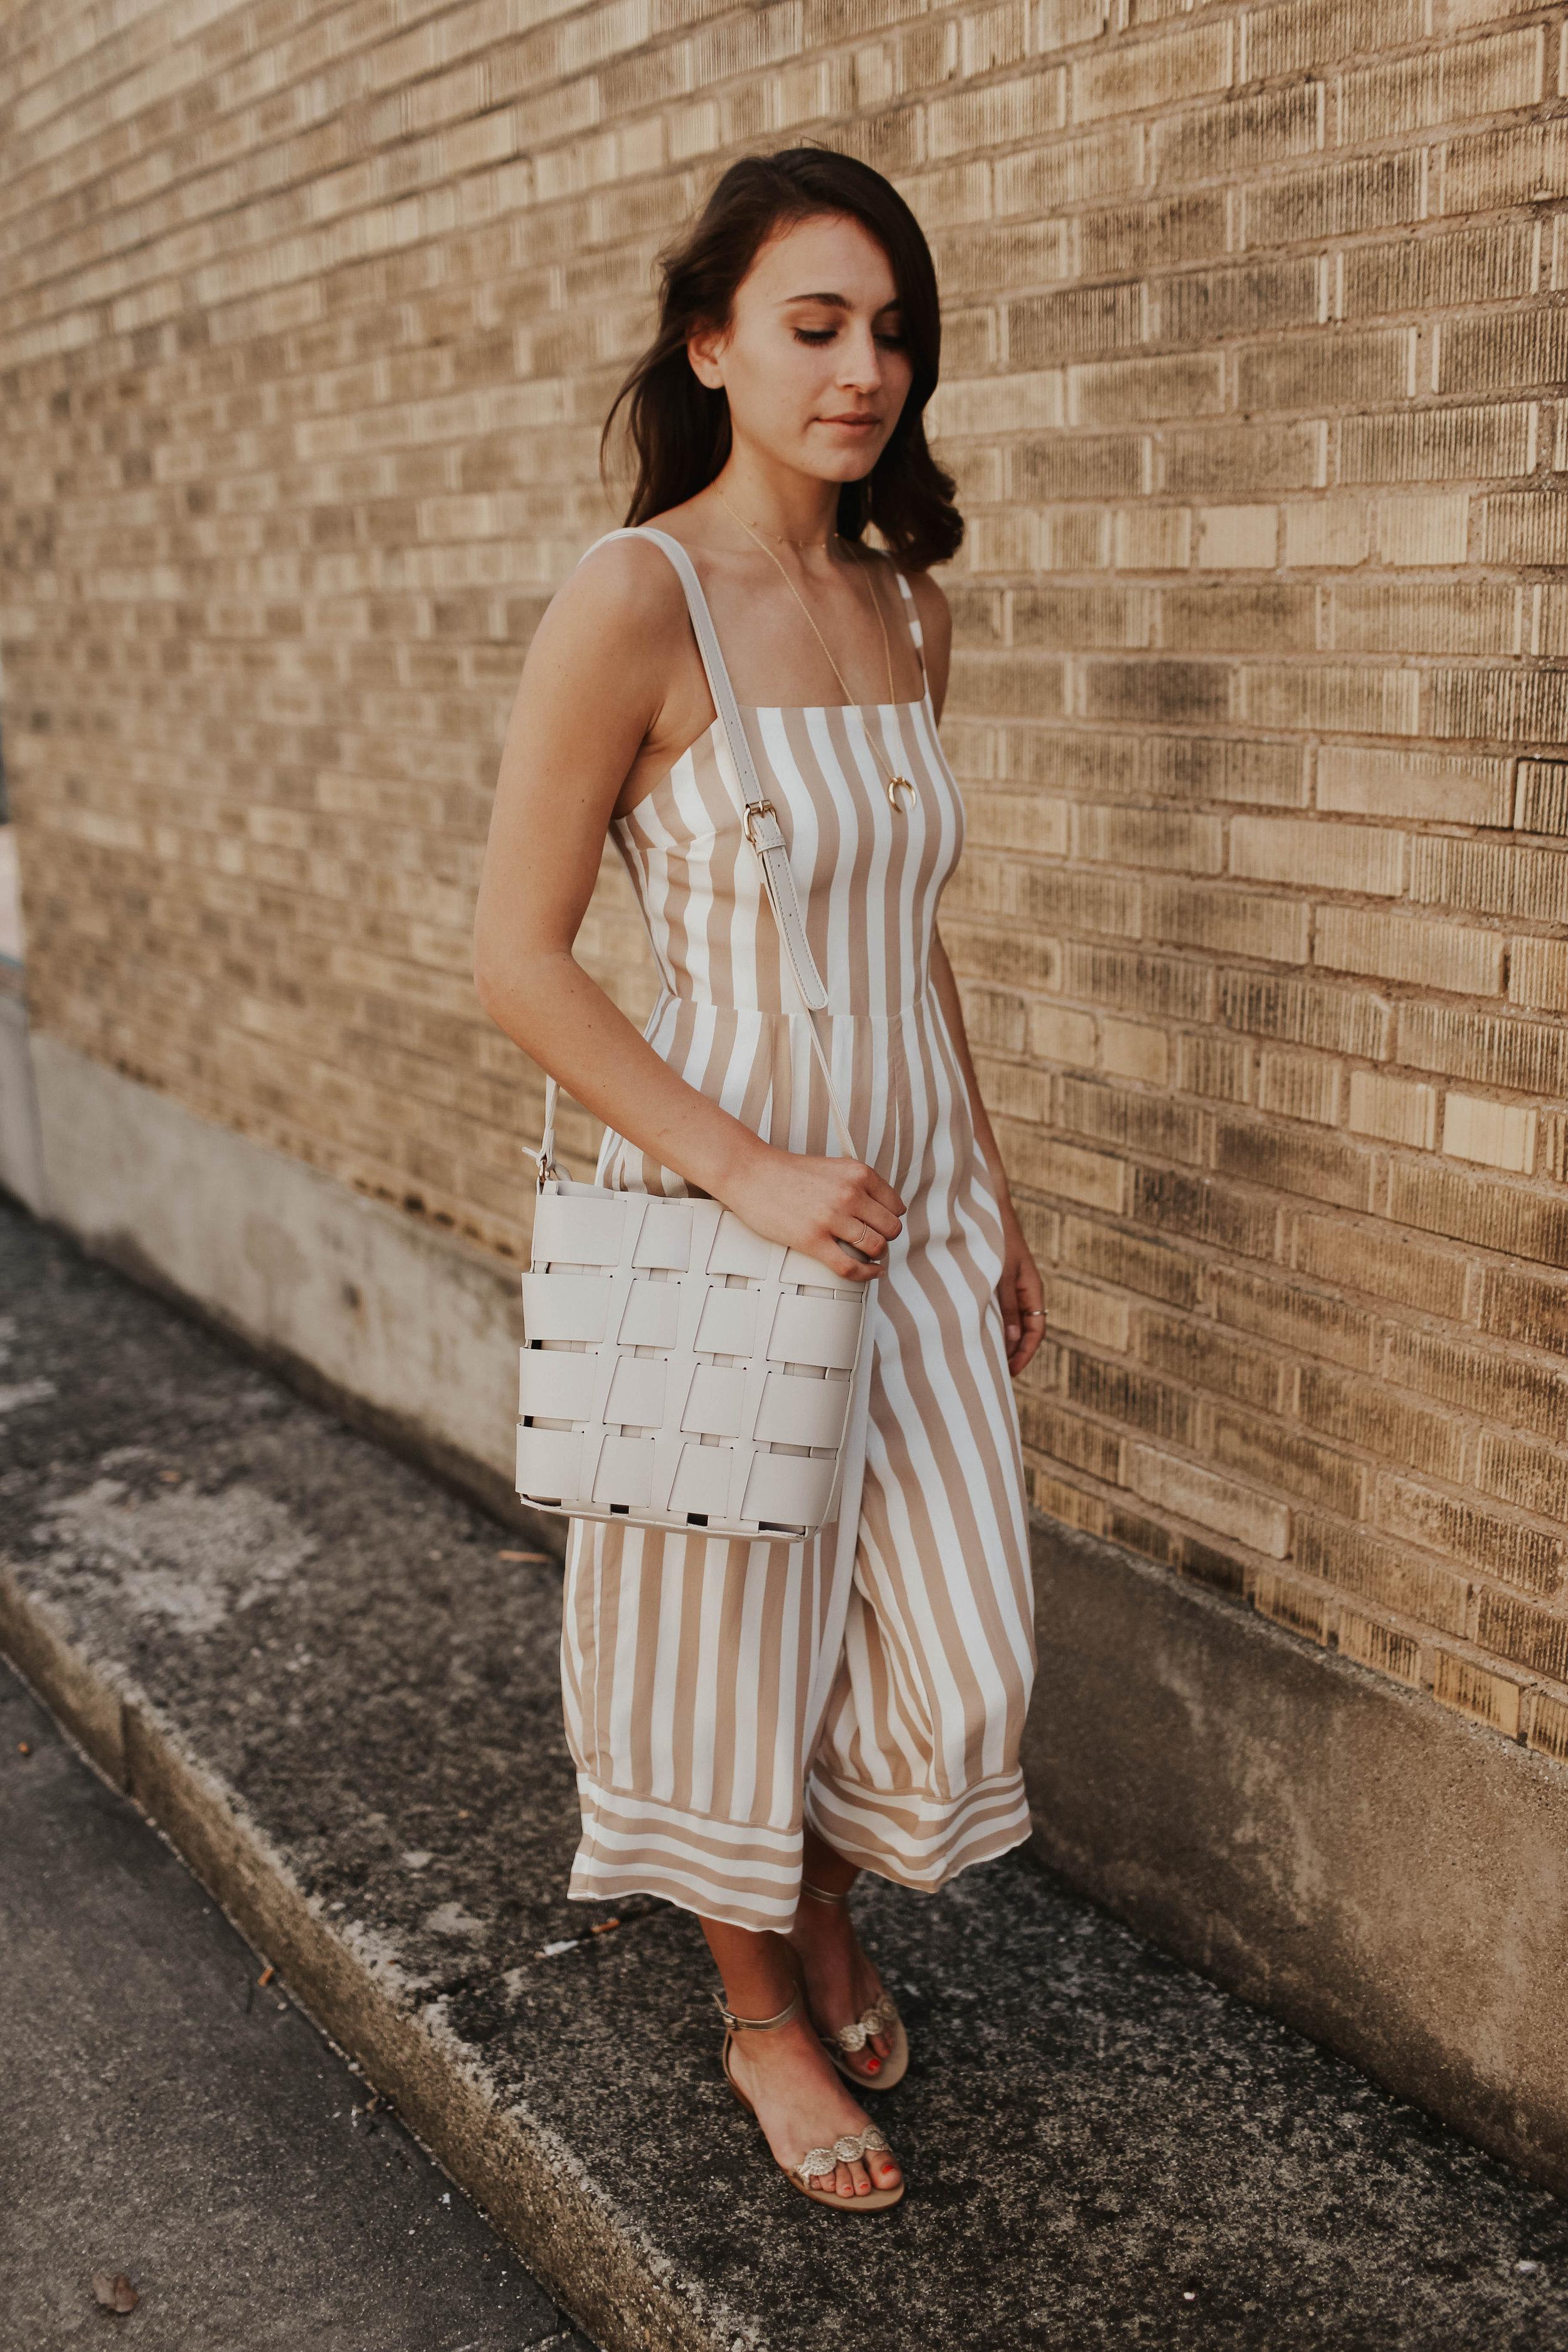 jumpsuit-side-satchel-purse